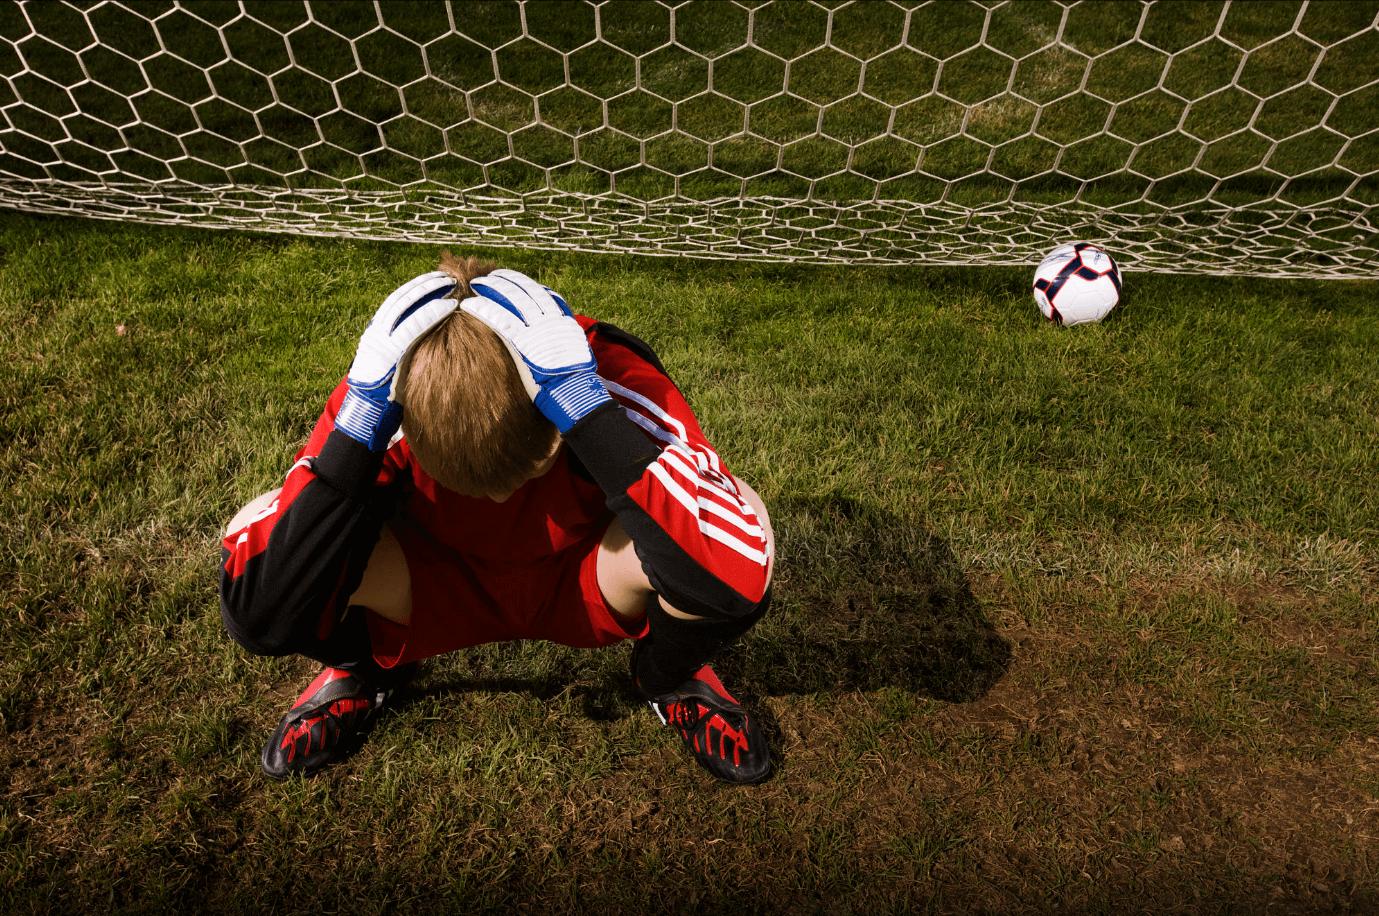 Goleiro frustrado pelo fracasso no futebol